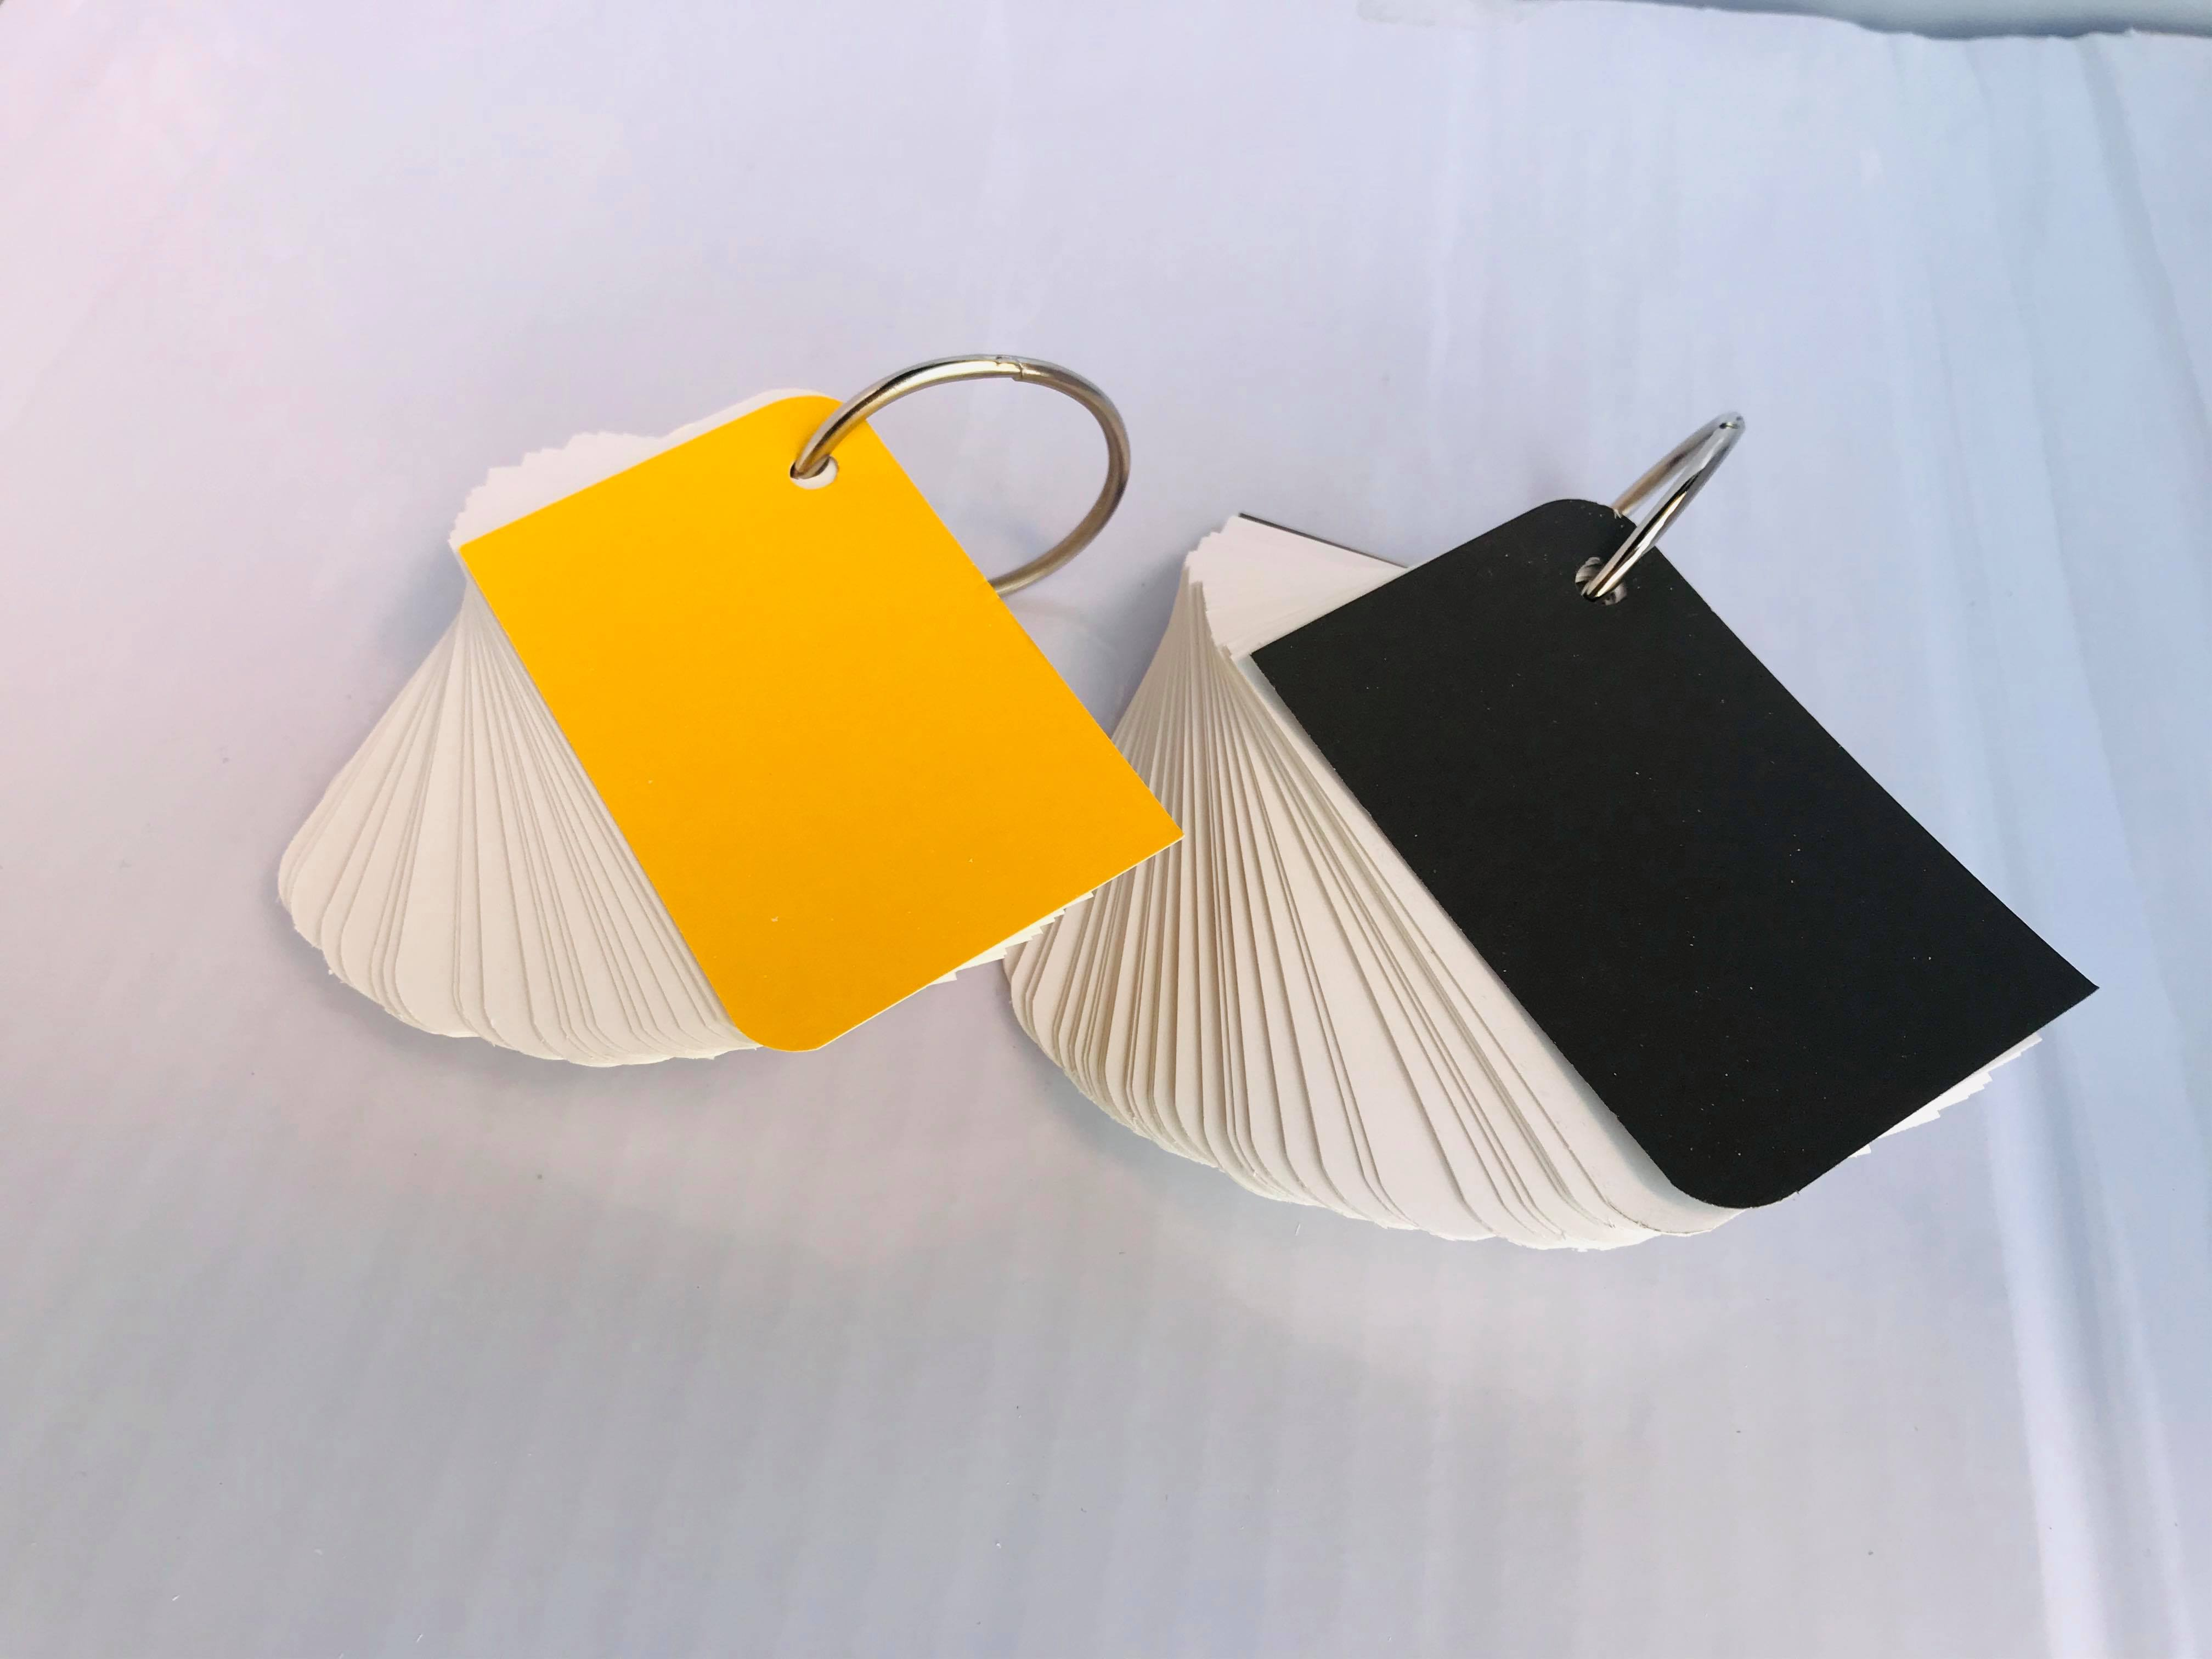 COMBO 2 tập flashcard trắng chiếc lá siêu dễ thương. Flashcard thẻ học từ vựng tiếng anh nhật hàn trung cao cấp   Bộ thẻ học tiếng nước ngoài (200 FLASHCARD TRẮNG ĐỤC BO GÓC) tặng kèm khoen